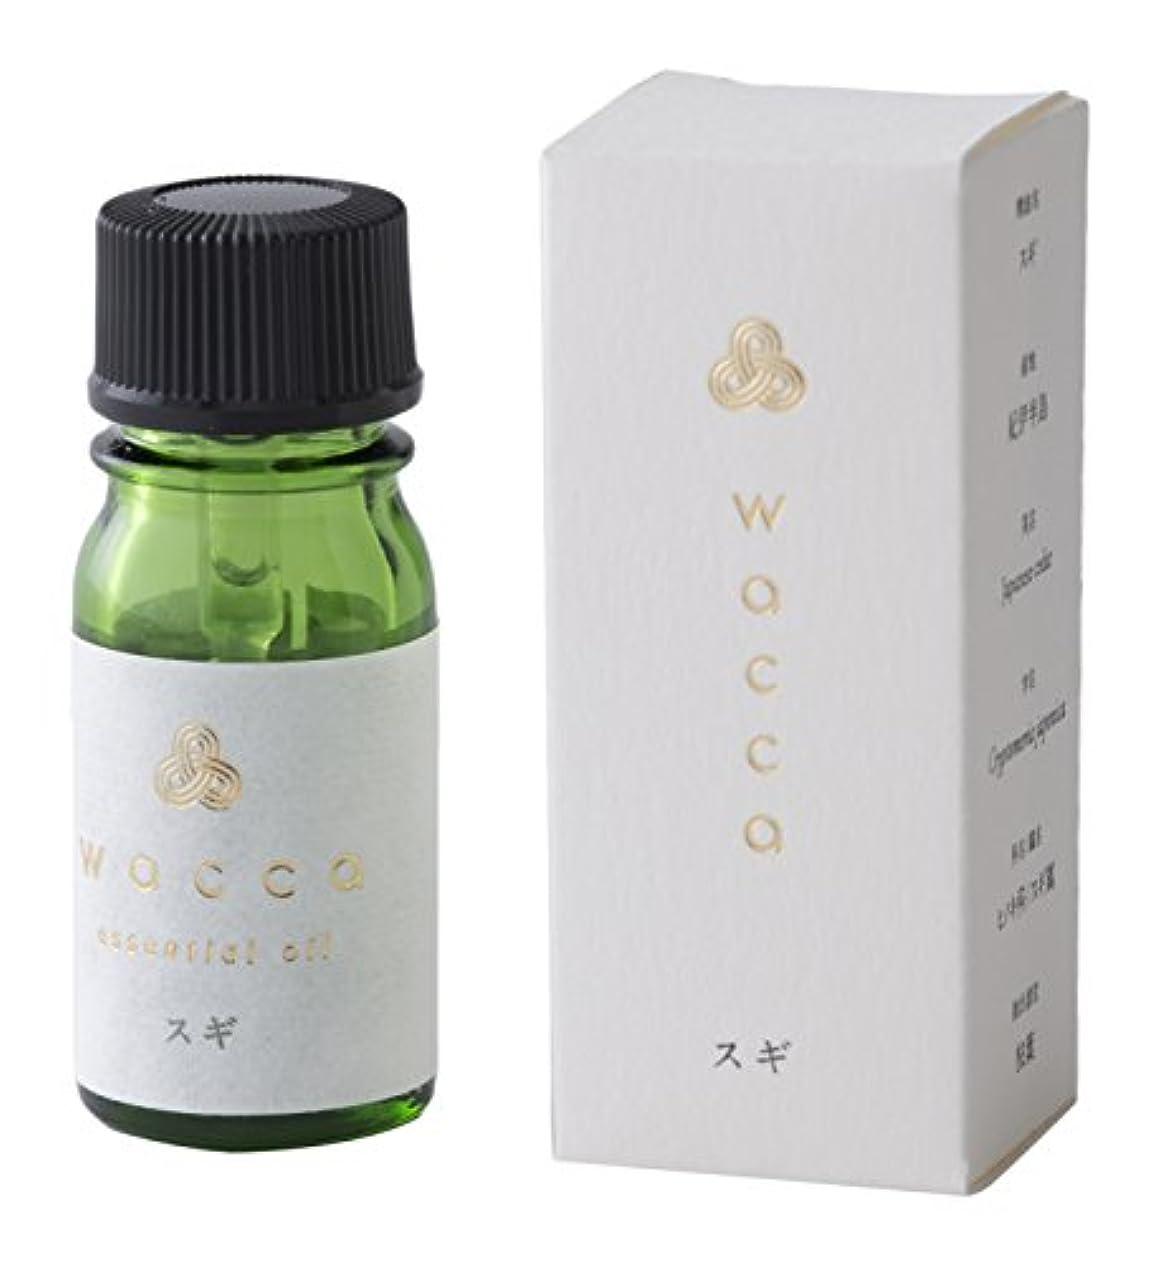 鉄ヒョウ平衡wacca ワッカ エッセンシャルオイル 5ml 杉 スギ Japanese cedar essential oil 和精油 KUSU HANDMADE